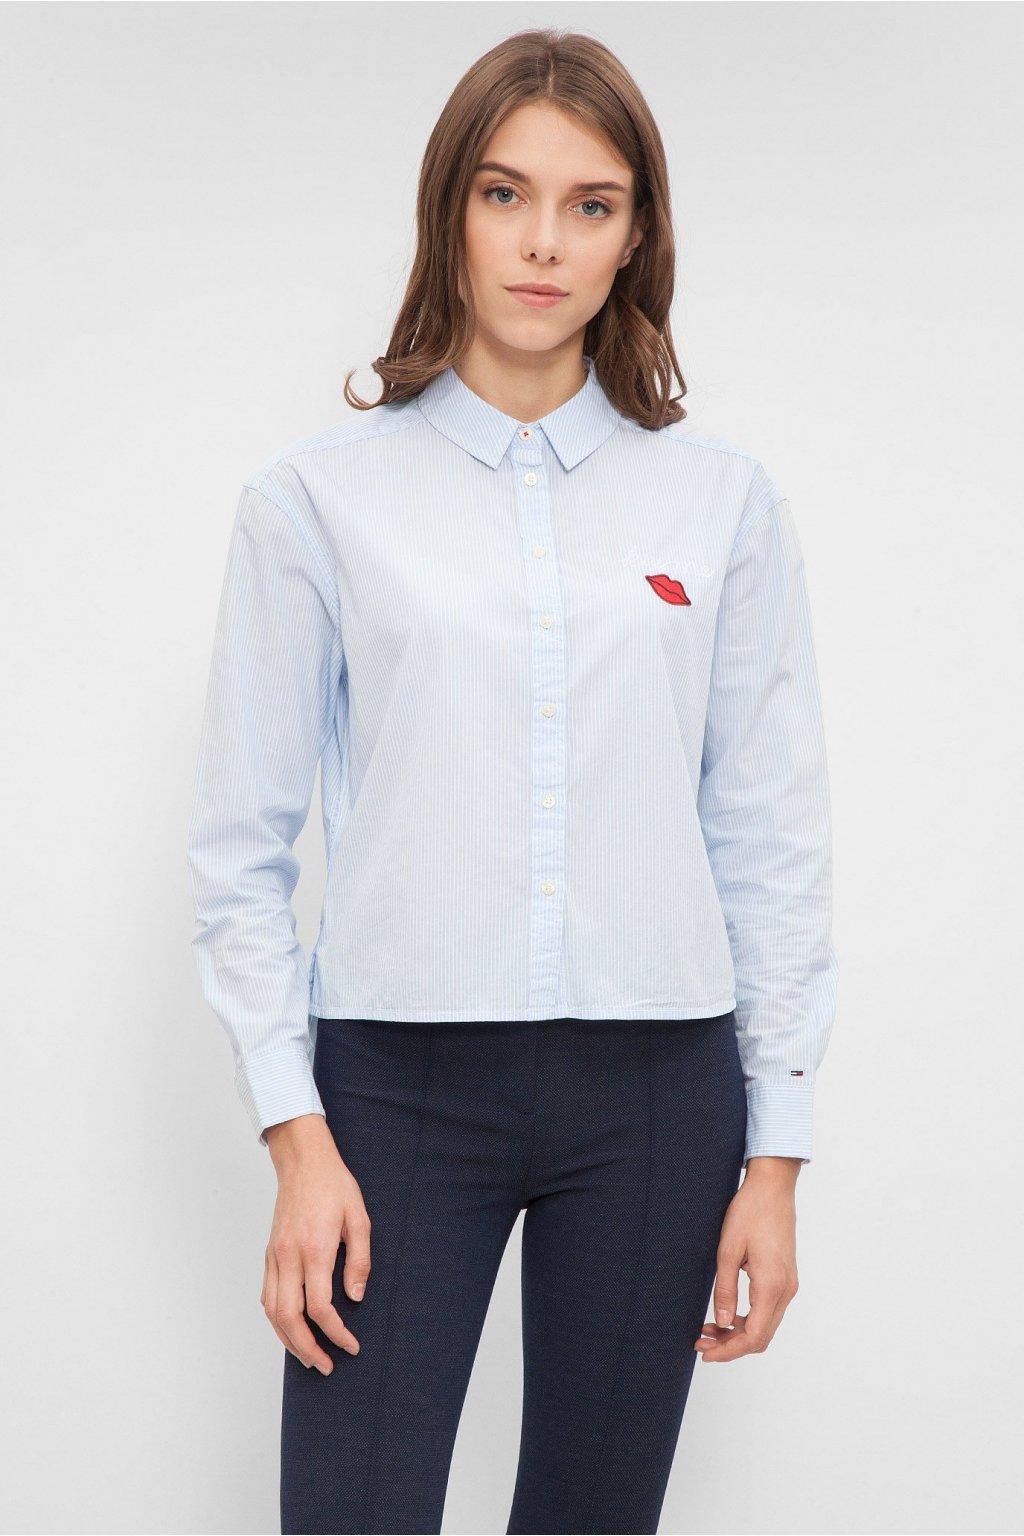 Dámská košile Tommy Hilfiger DW0DW02728